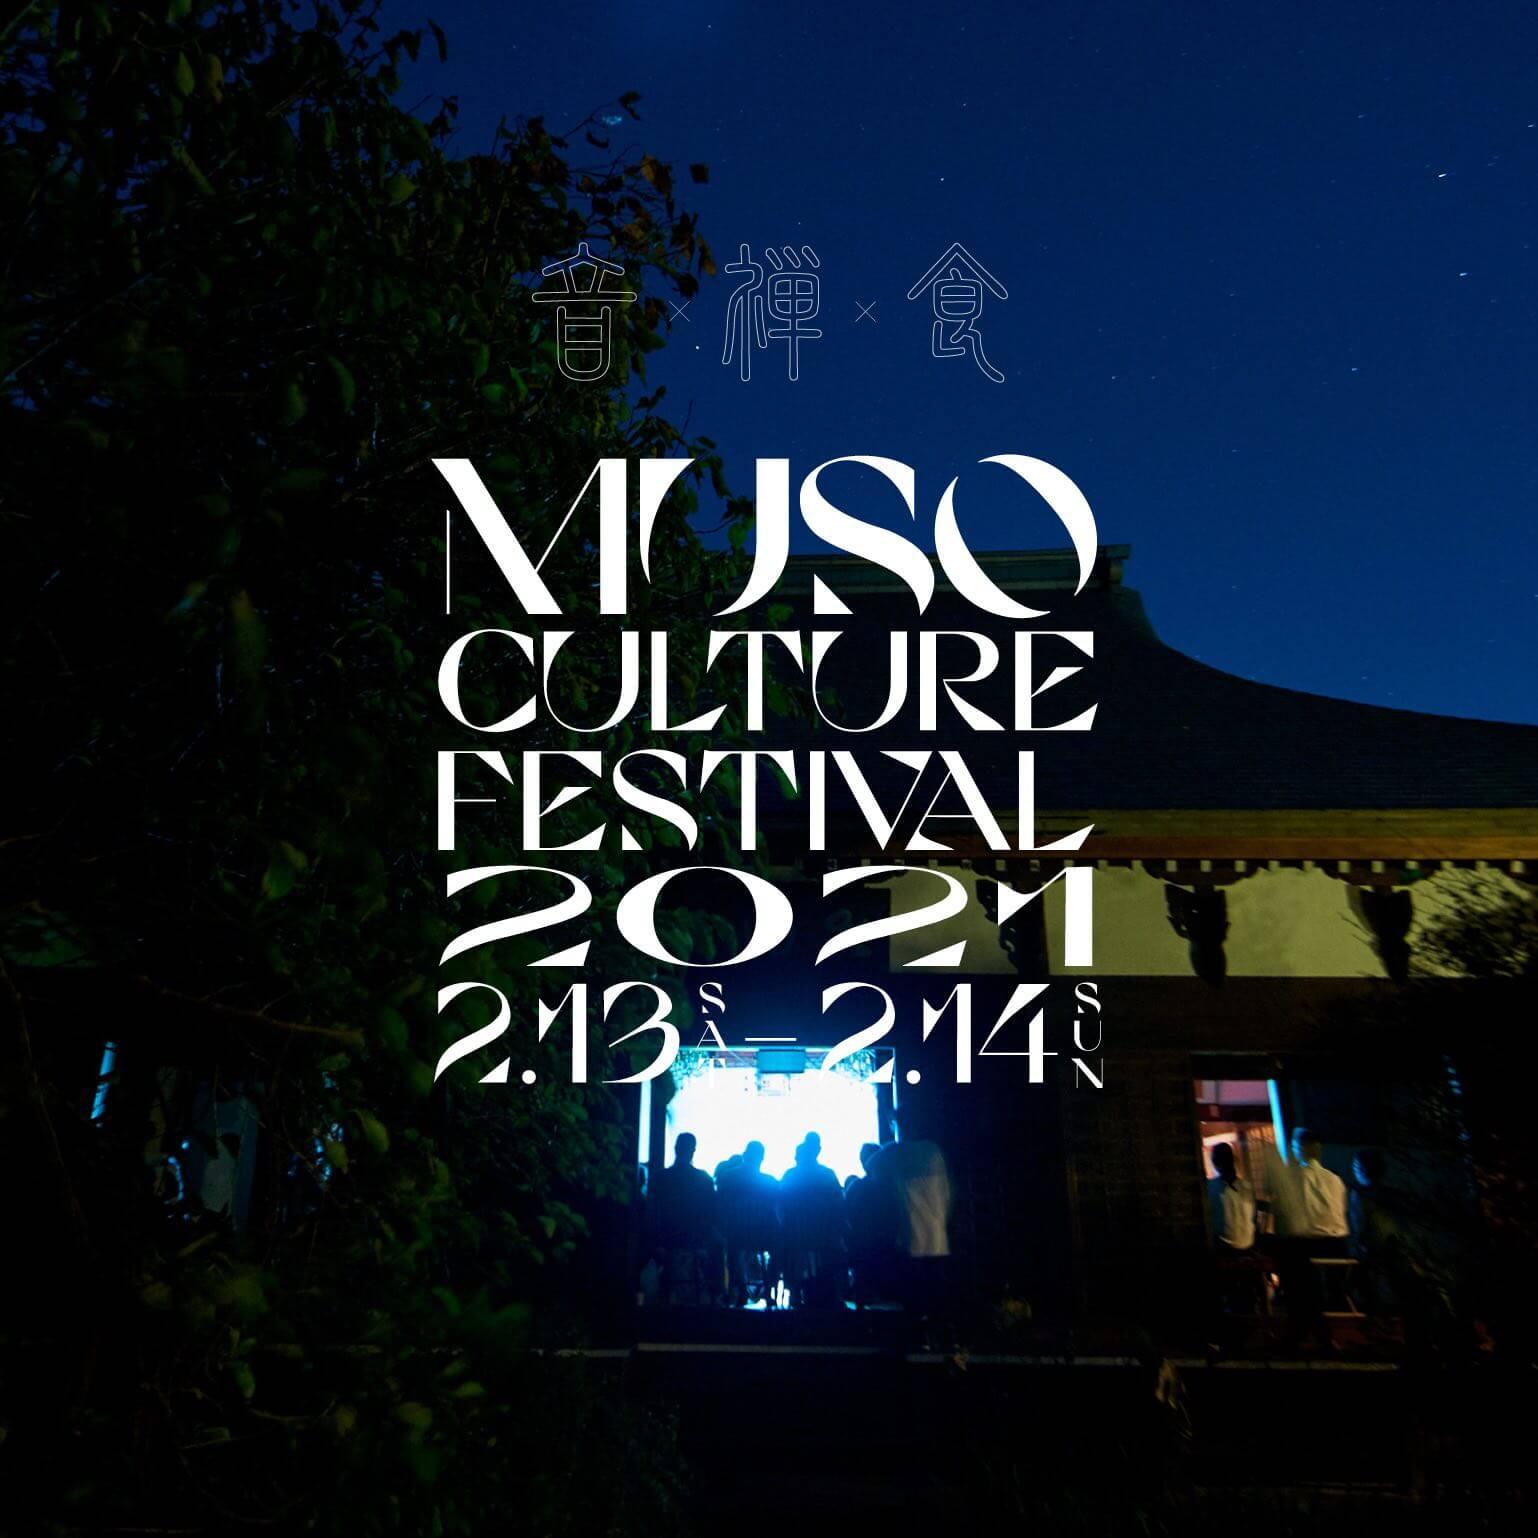 音×禅×食を楽しめる<MUSO Culture Festival>にDJ KRUSH、Yosi Horikawaらが出演決定!アフターパーティーにはKaoru Inoue、ermhoiらが登場 music201225_muso-festival_17